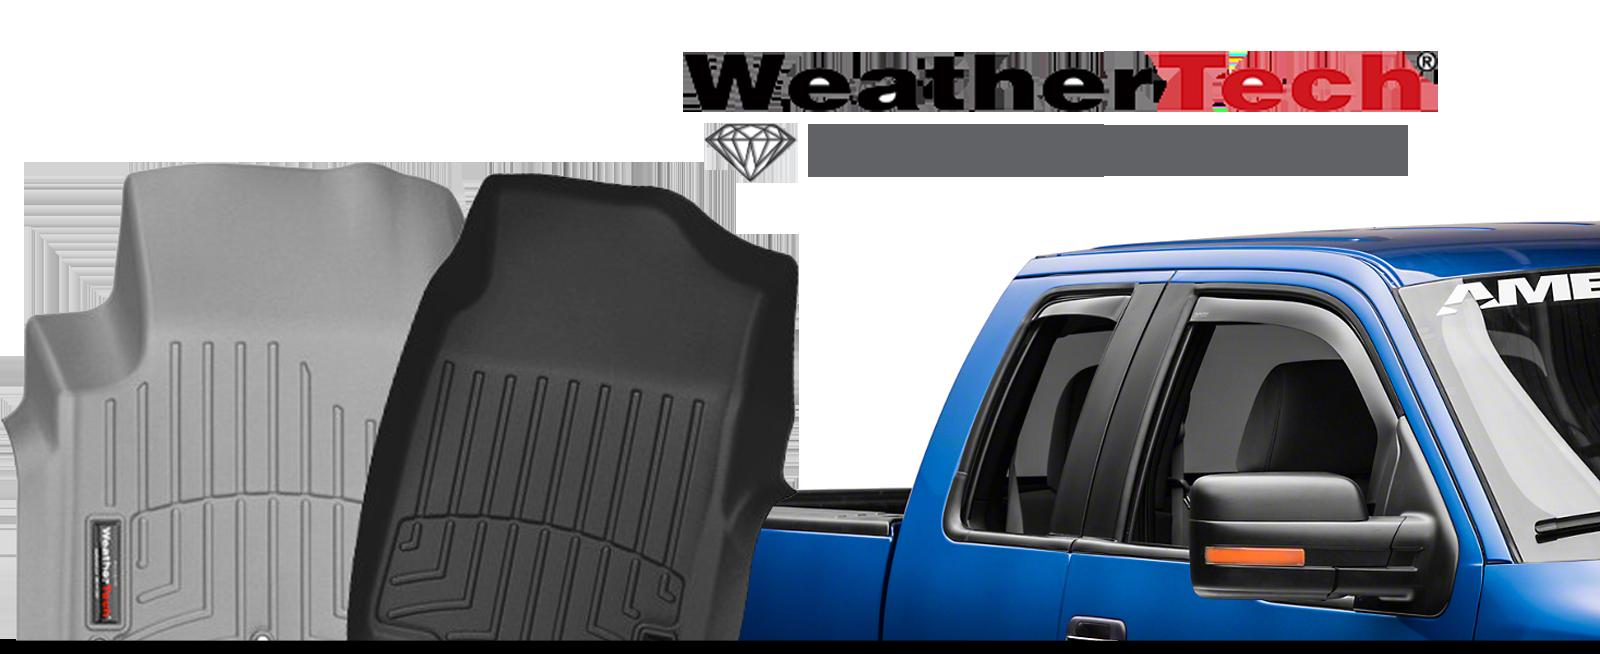 Weathertech floor mats commercial - All Weather Floor Mats